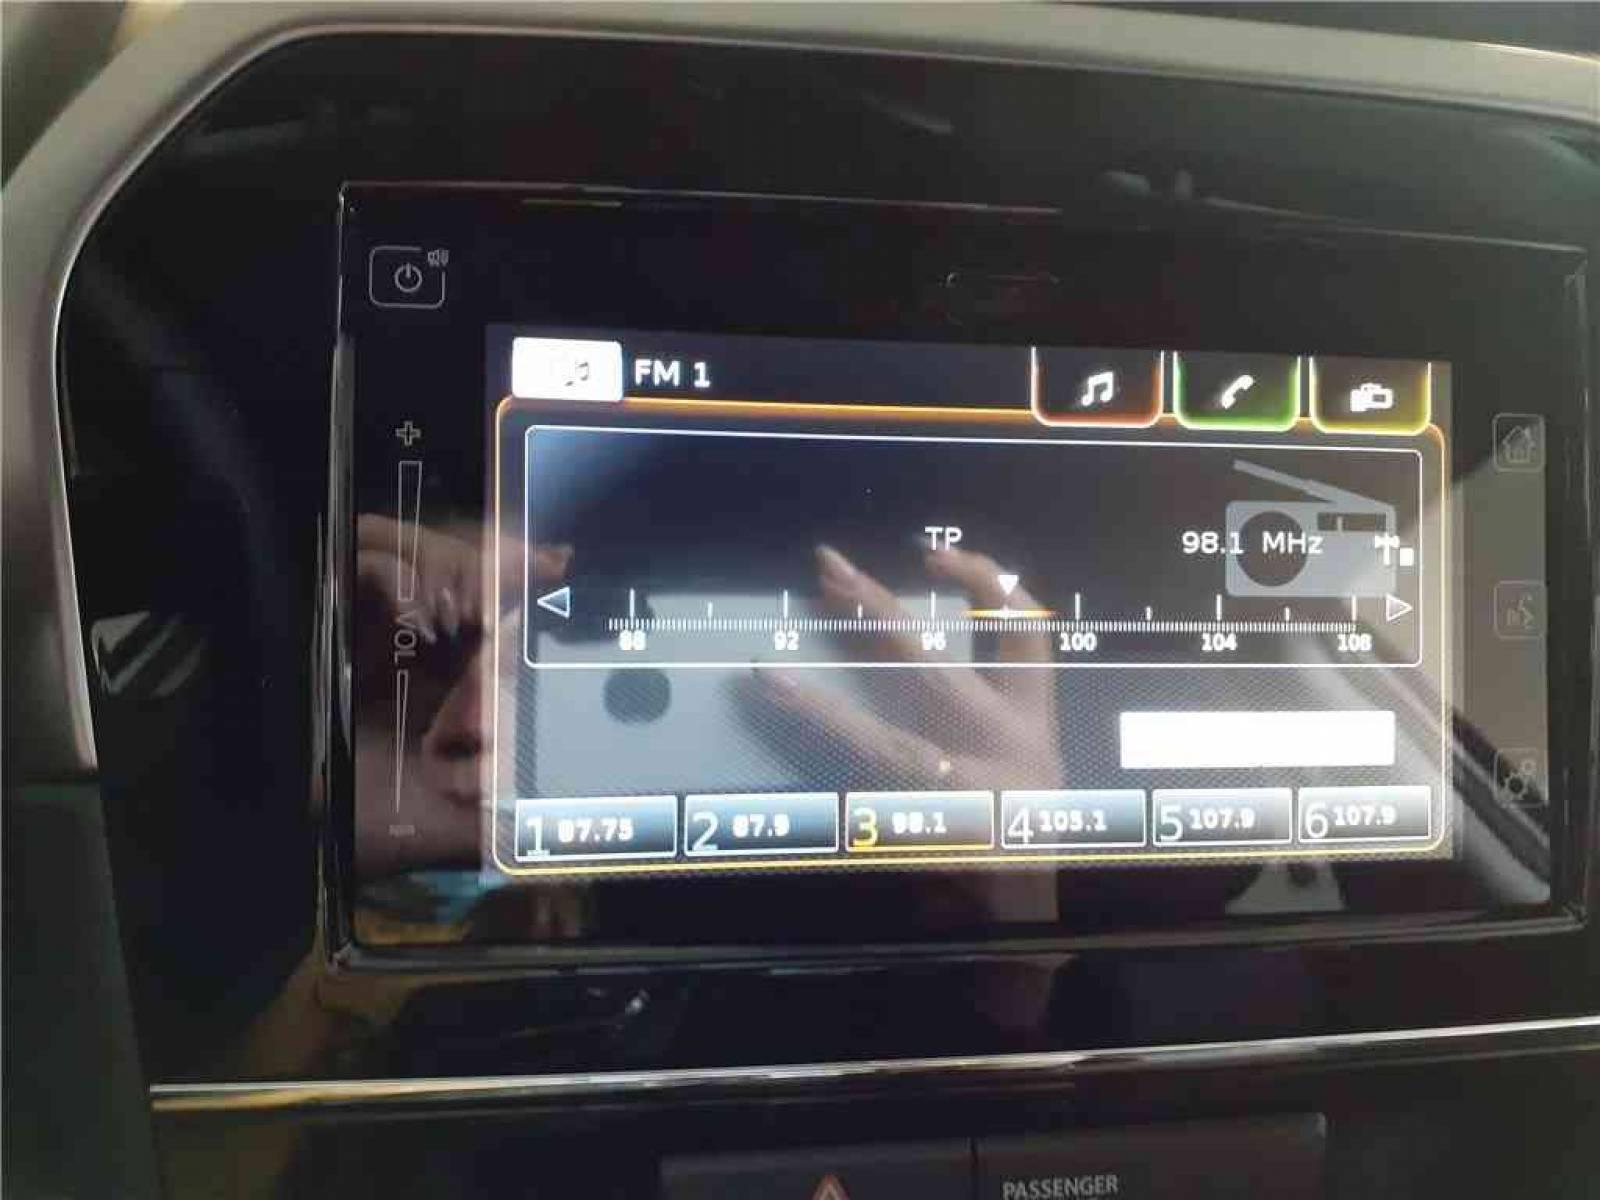 SUZUKI Vitara 1.4 Boosterjet Hybrid - véhicule d'occasion - Groupe Guillet - Hall de l'automobile - Chalon sur Saône - 71380 - Saint-Marcel - 49